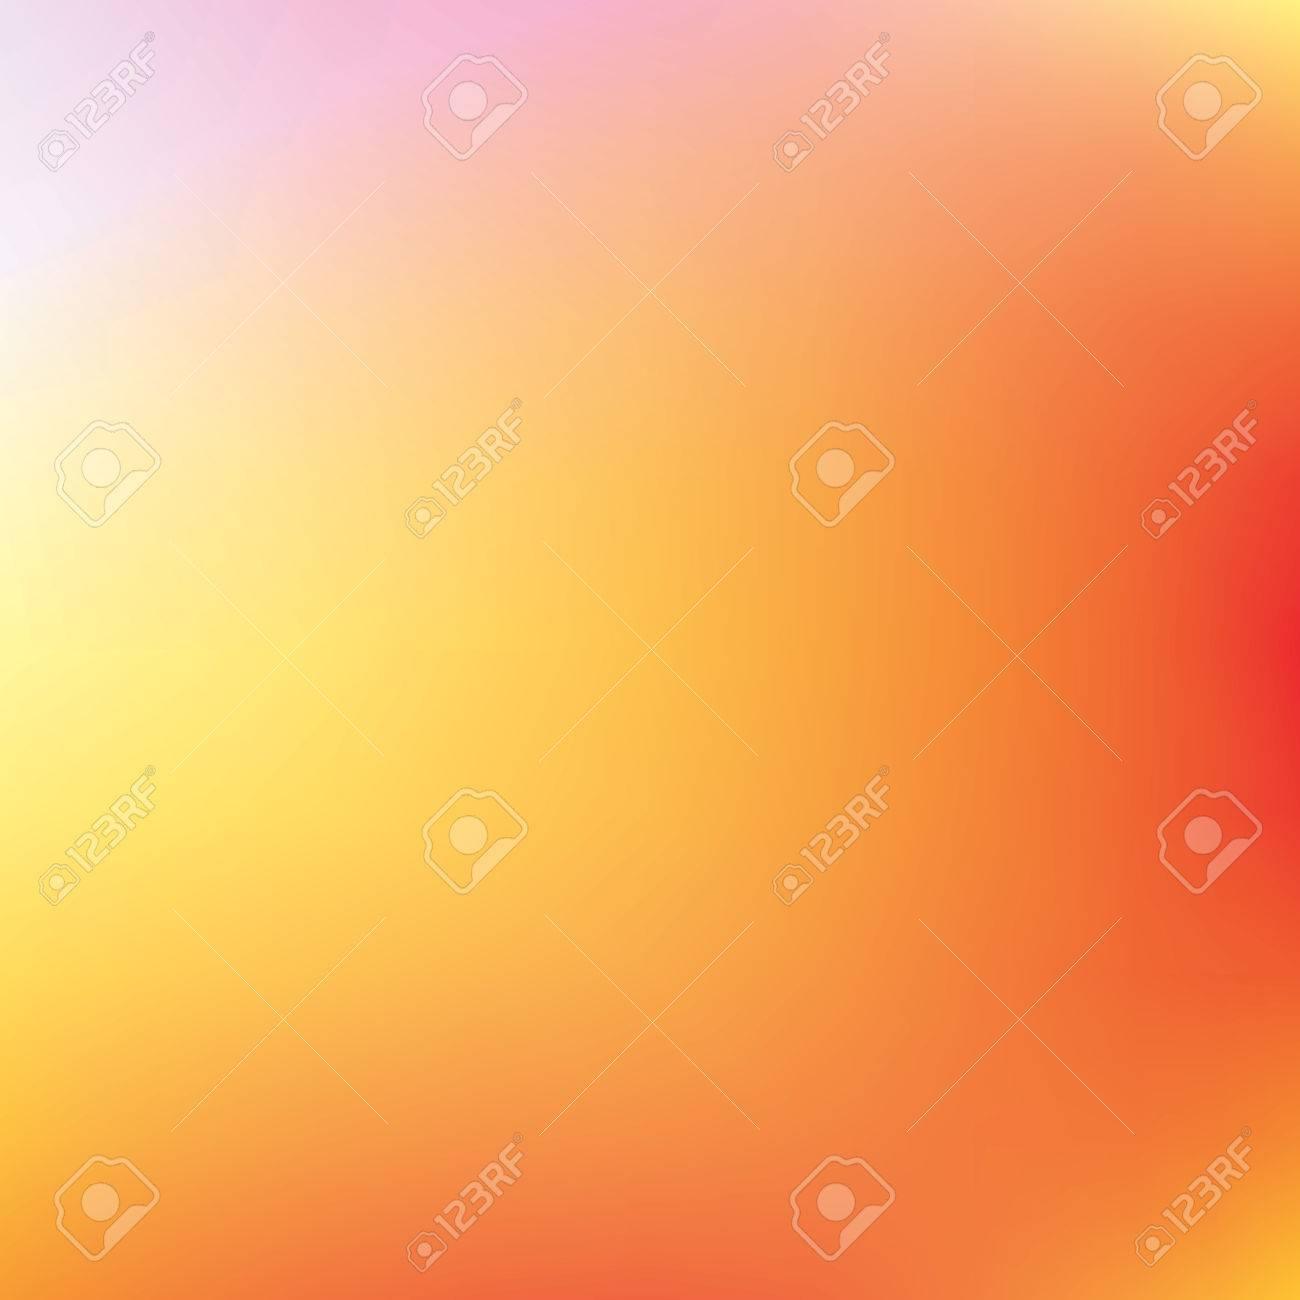 Résumé Orange Et Jaune, Vecteur, Fond, Filet De Dégradé De Couleur ...